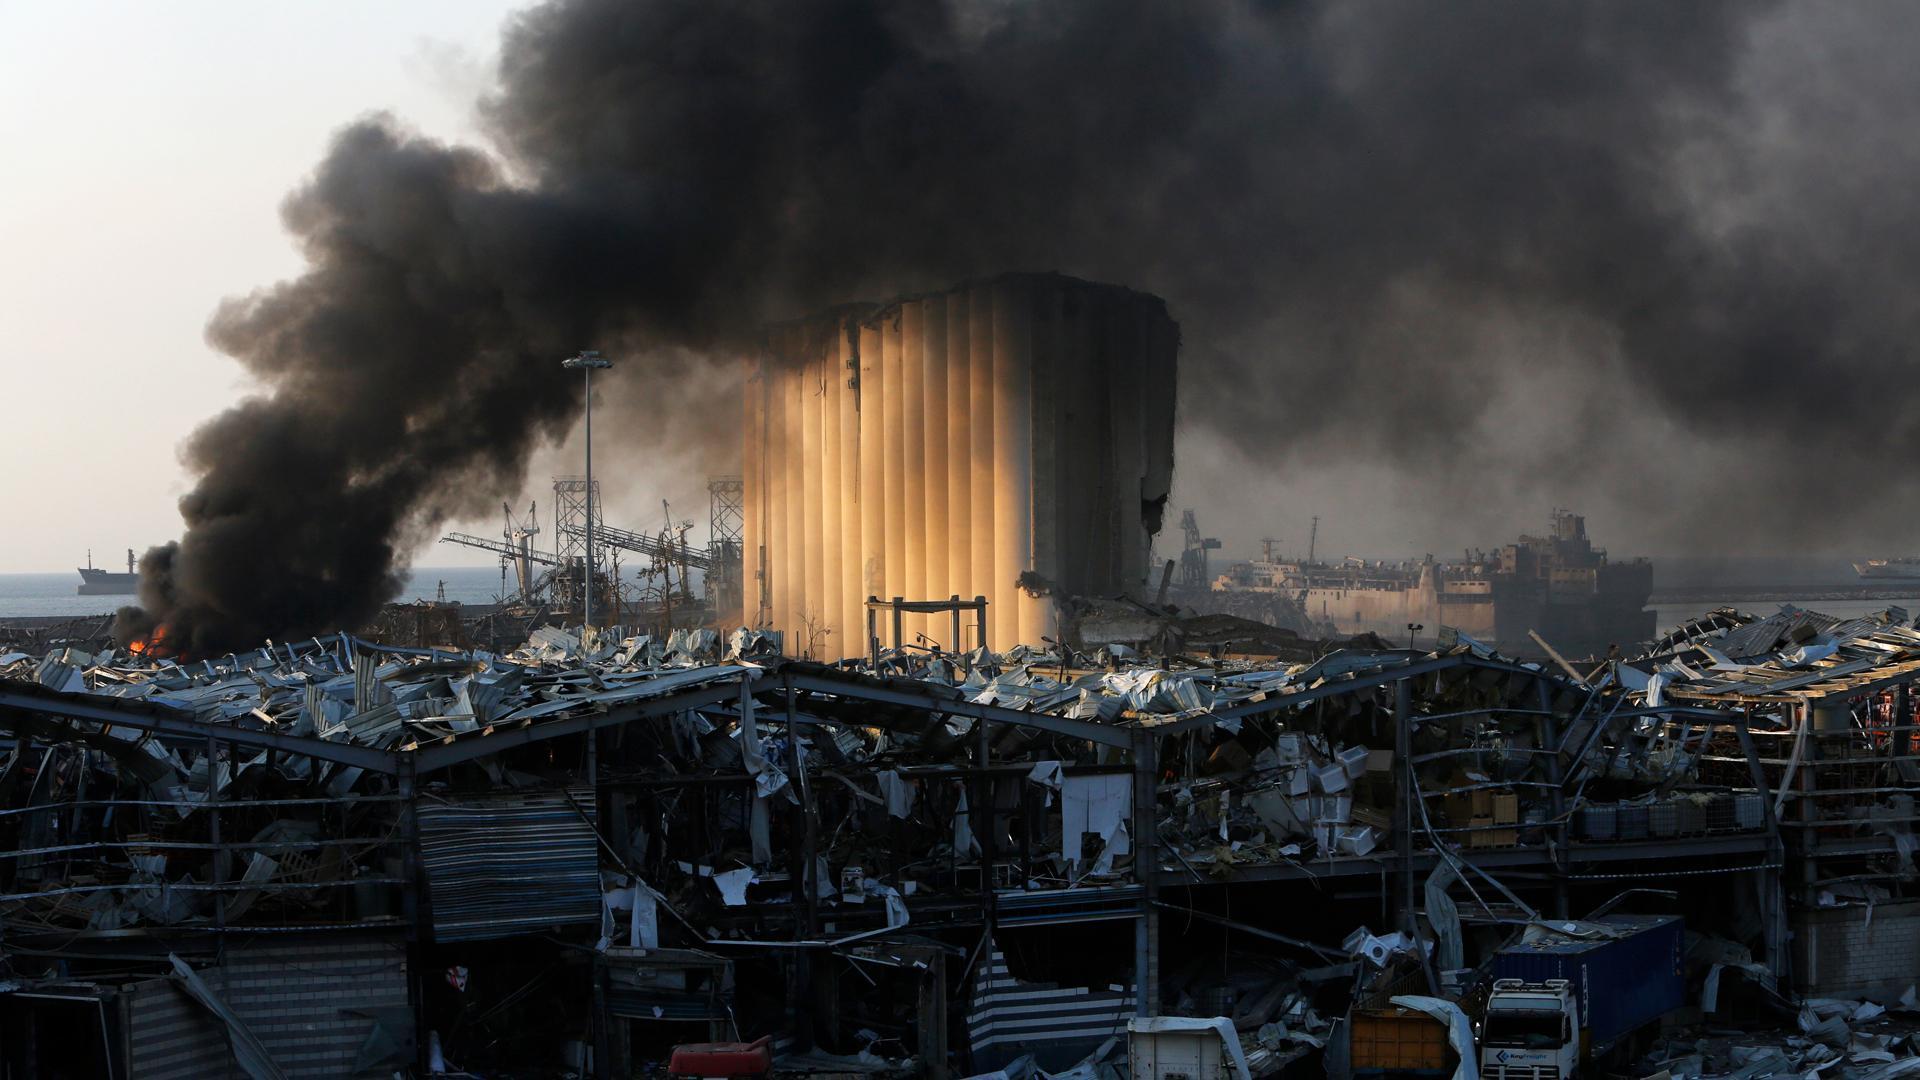 Последствие пожара в картинке